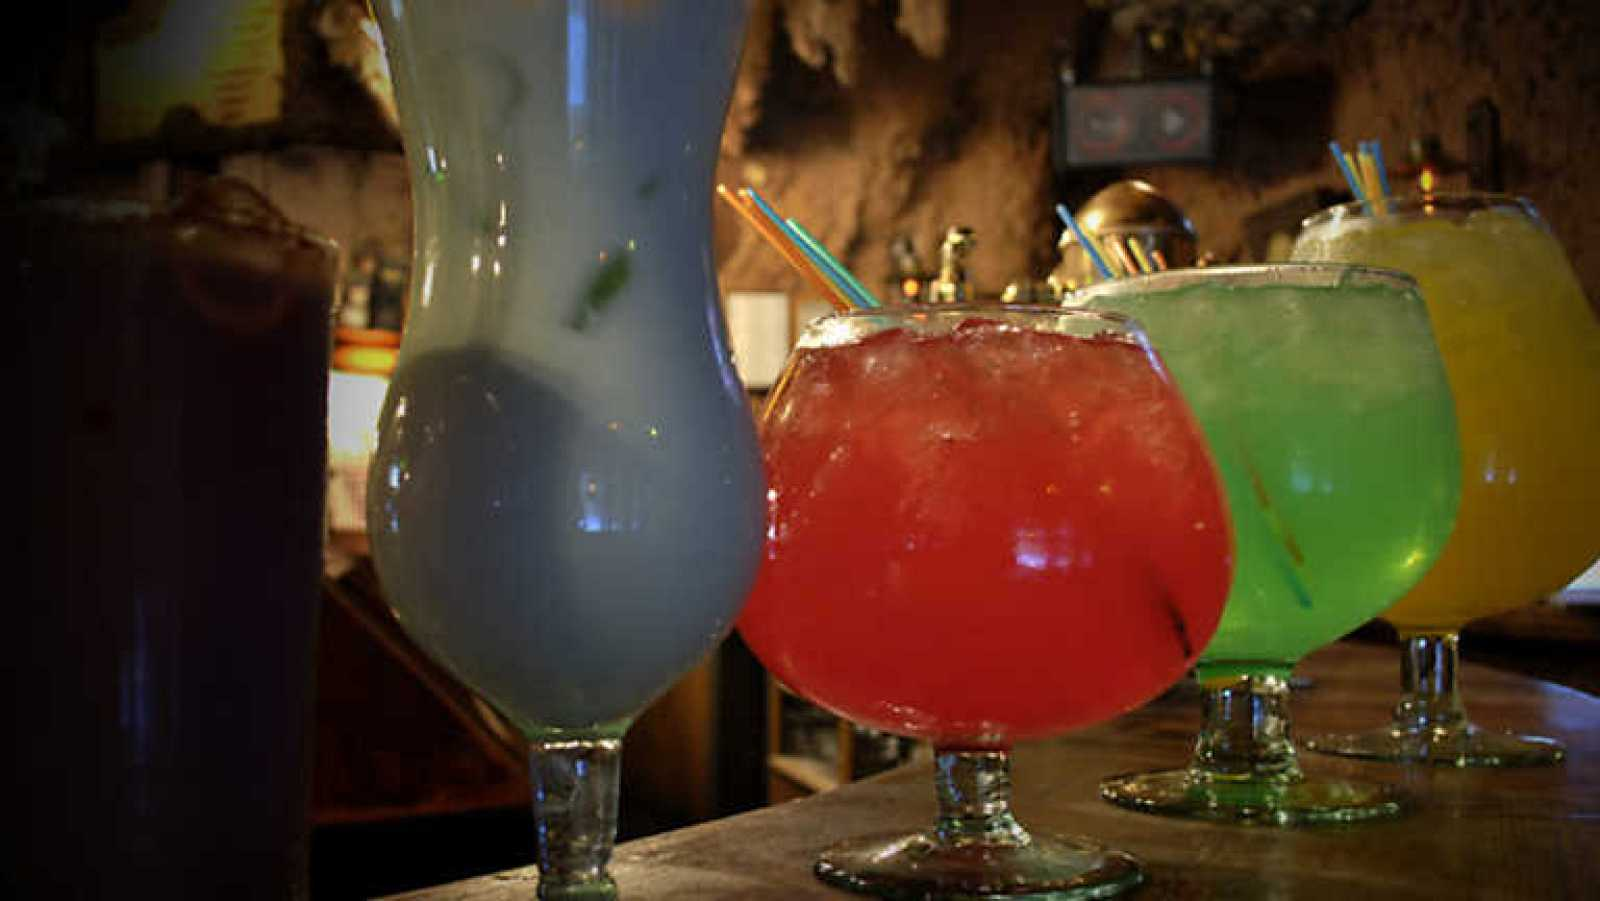 Vivan los bares - Chapandaz - Ver ahora